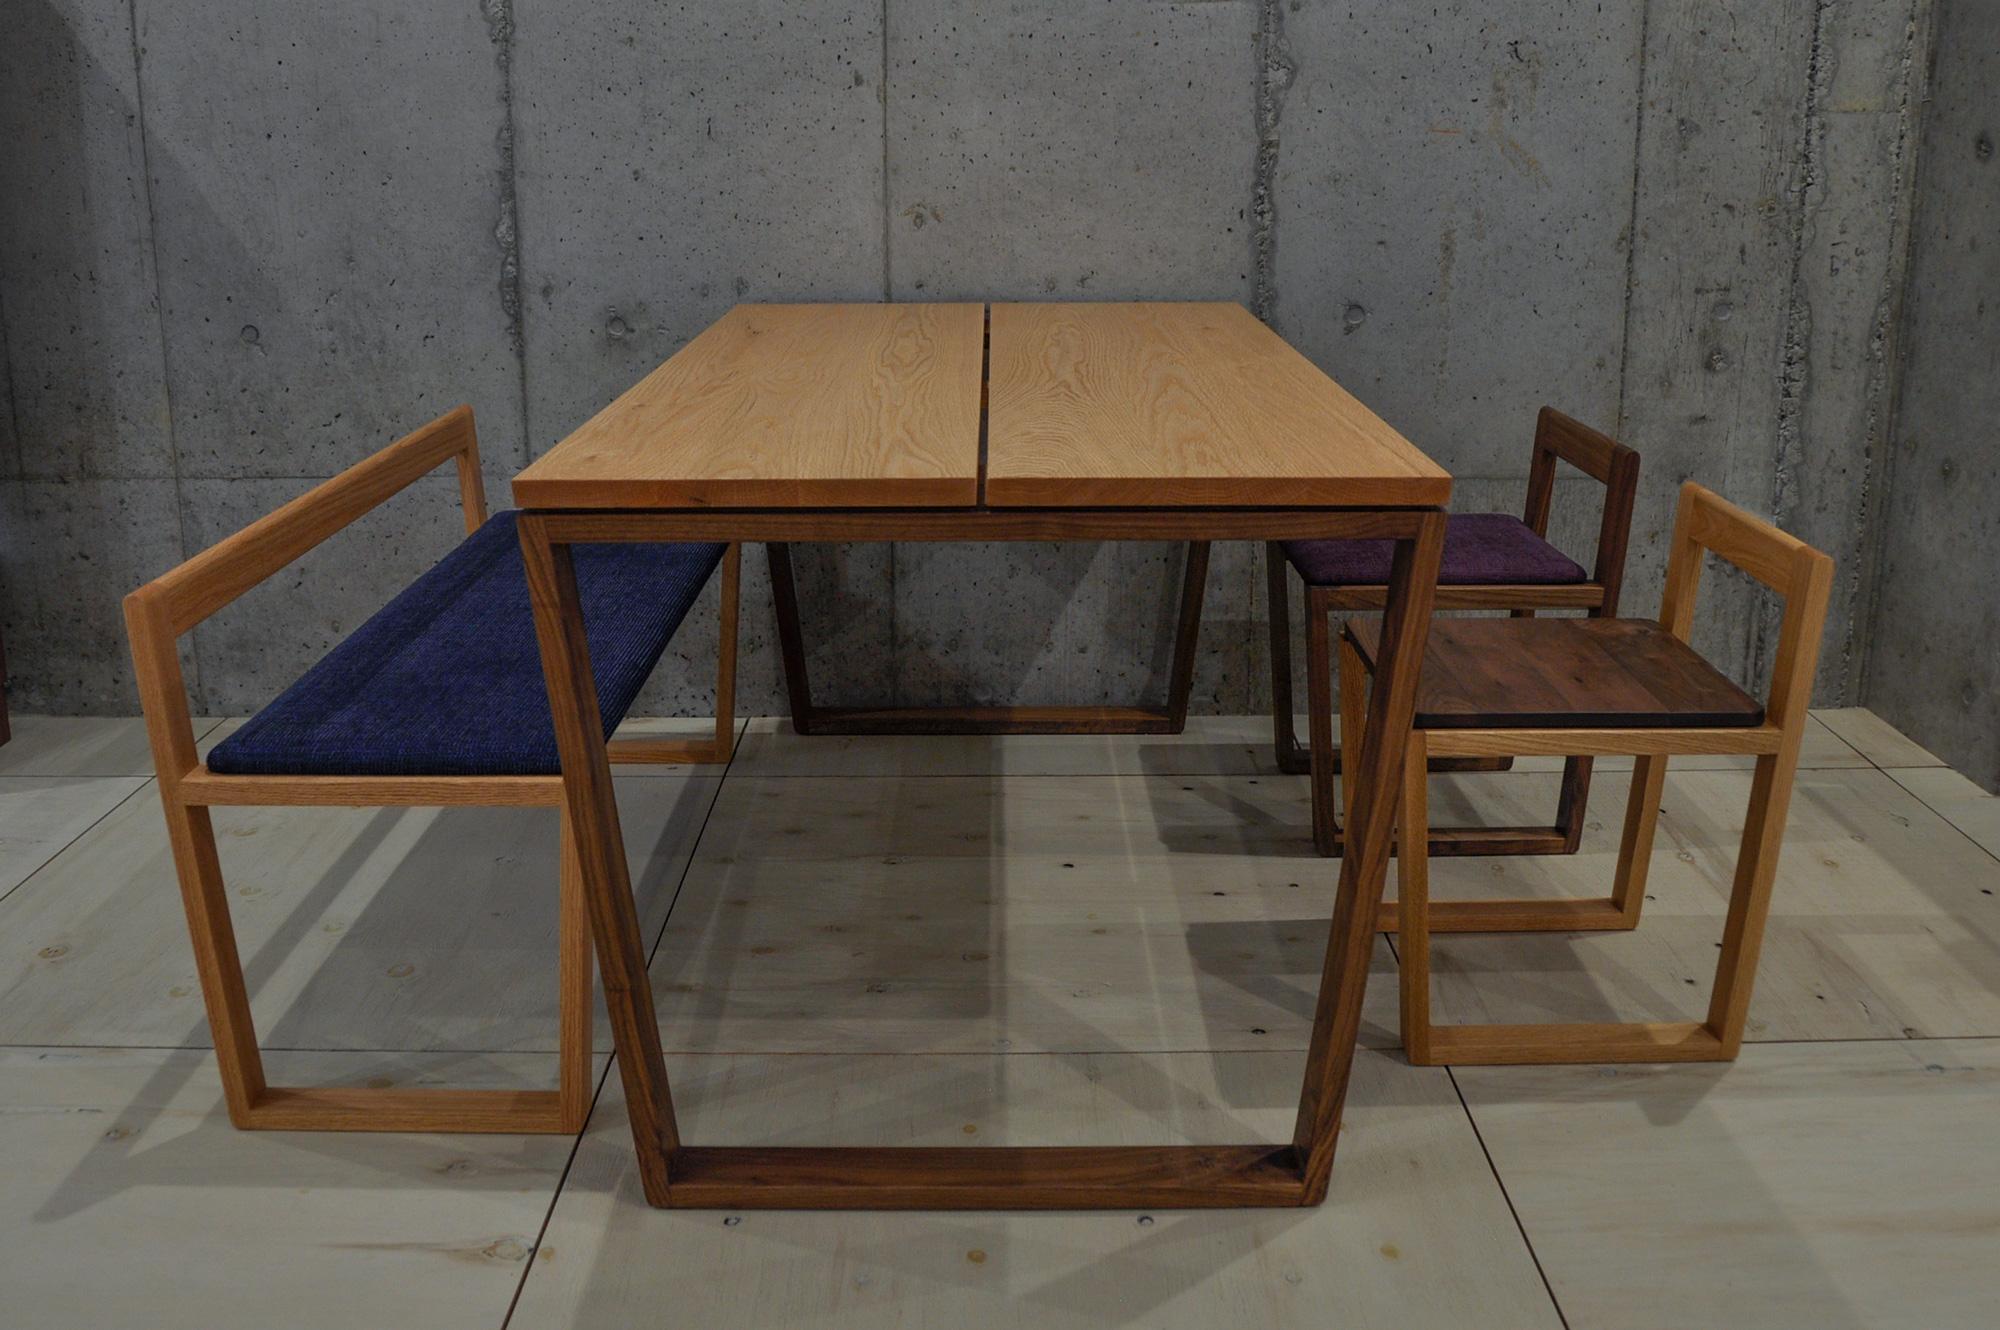 kitoki/ダイニングテーブル/チェア/ベンチ/kitoki代理店